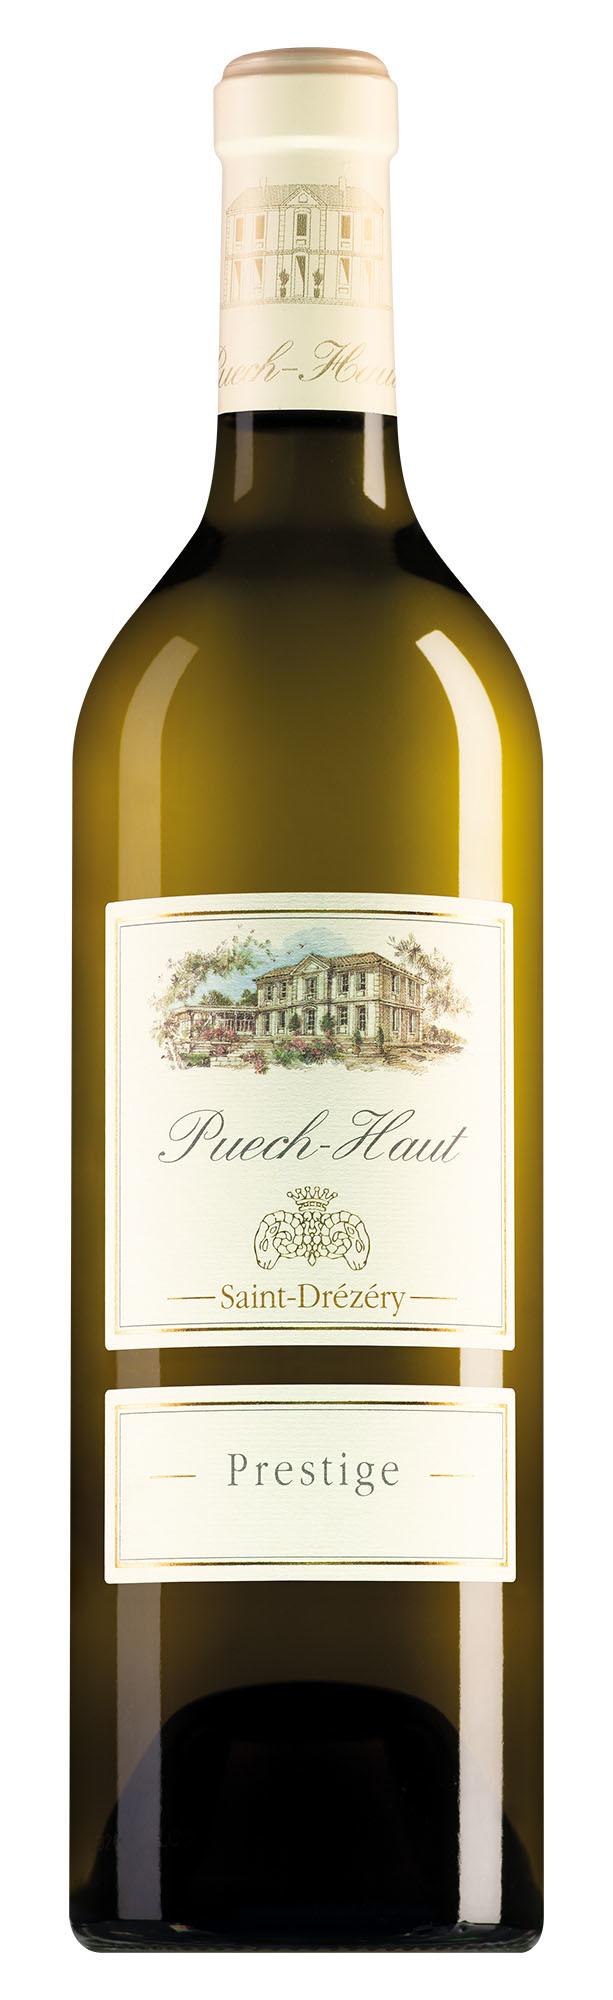 Château Puech-Haut Languedoc Prestige Blanc 2019